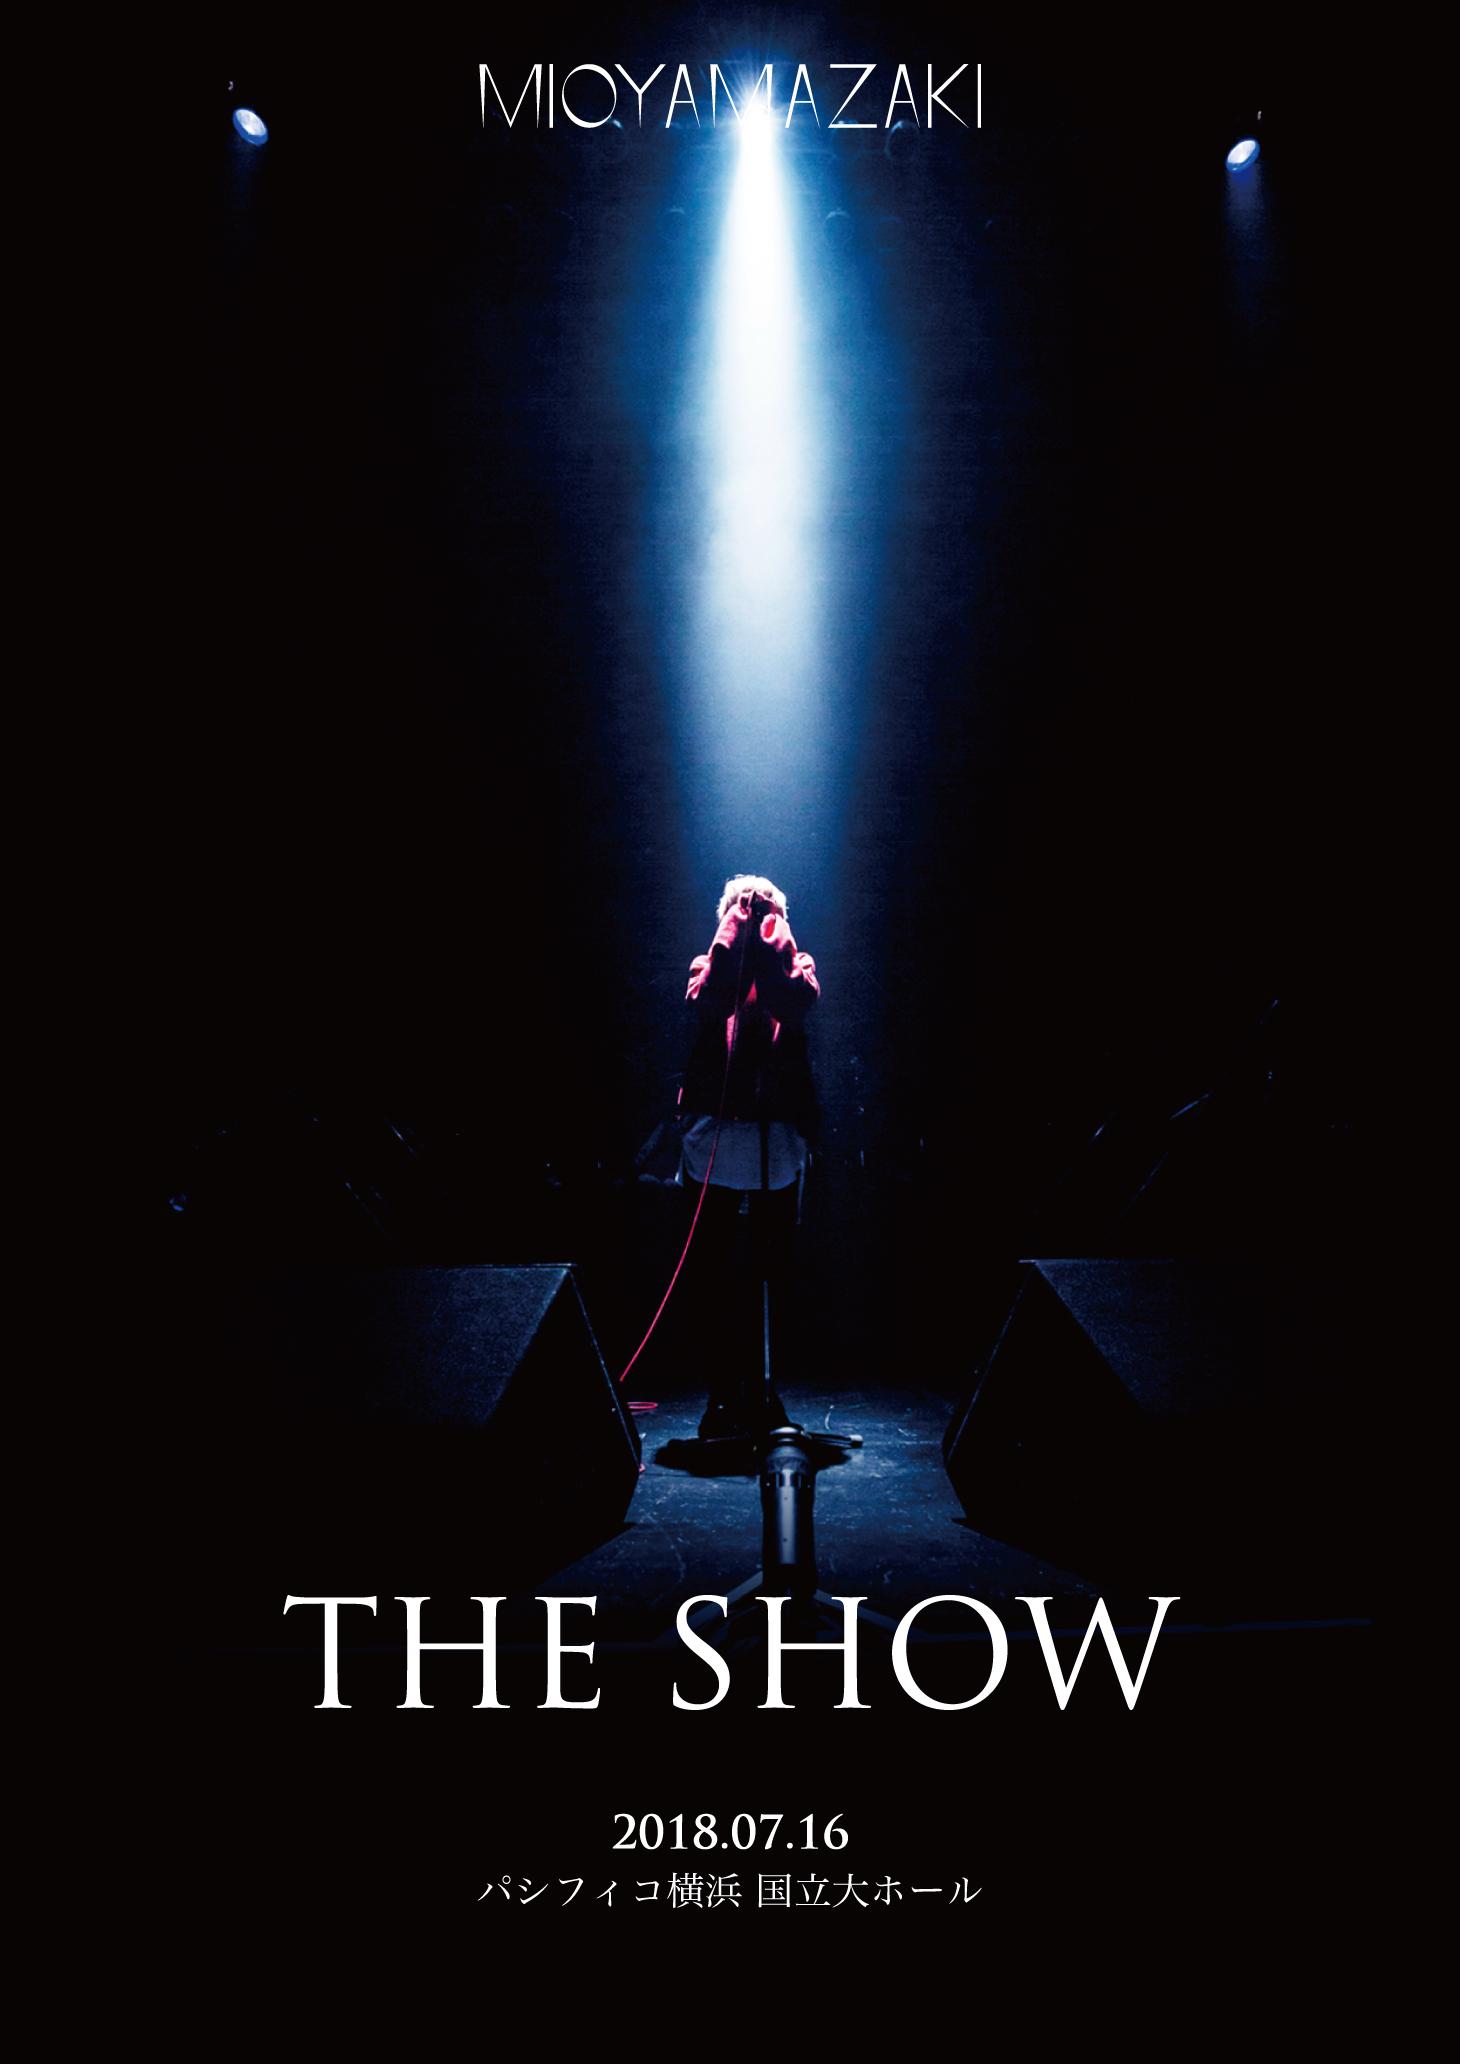 ミオヤマザキ、パシフィコ横浜にて開催のバンド史上初の単独ホールライブ「THE SHOW」で10万円のチケット販売